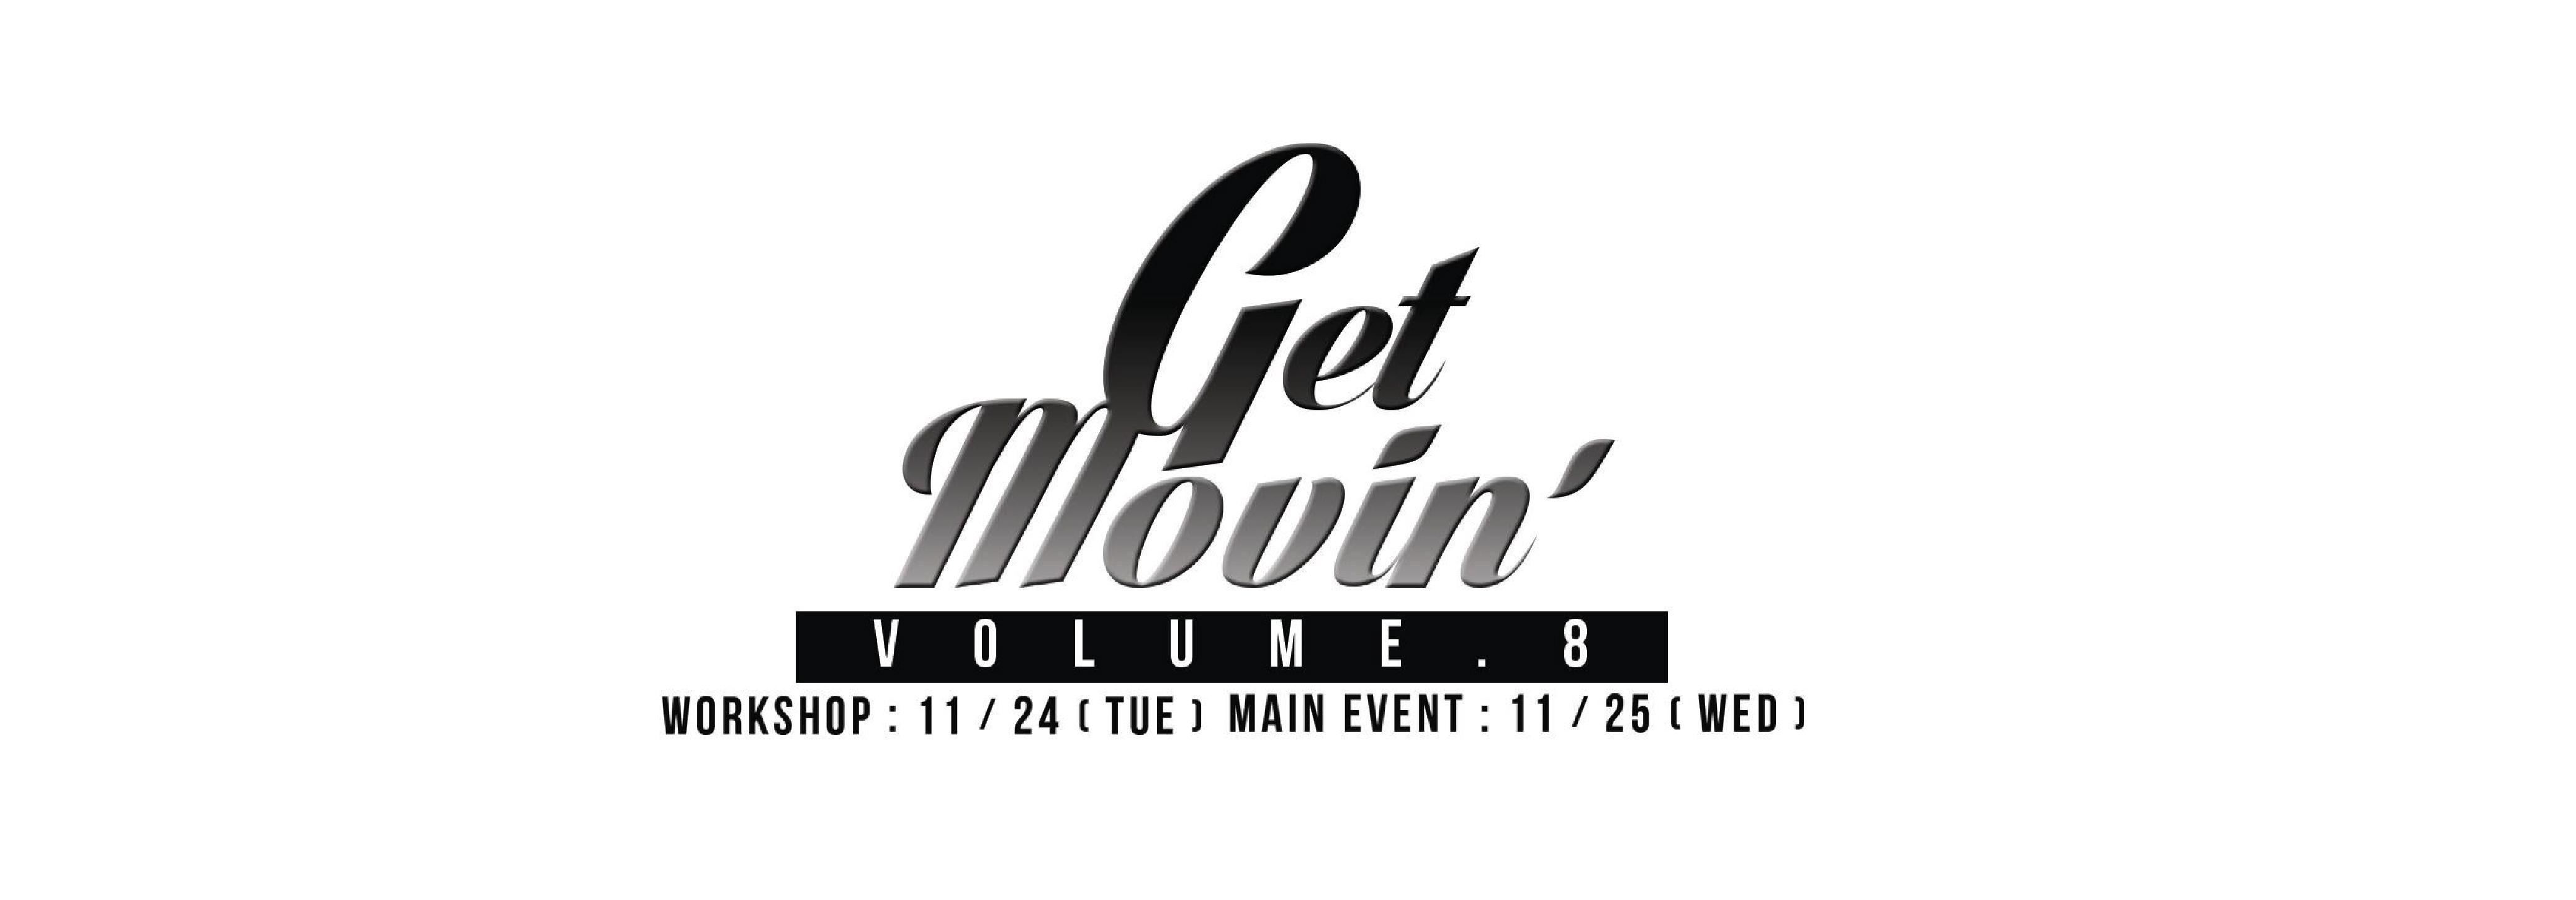 Get Movin' VOL.8 & Workshop